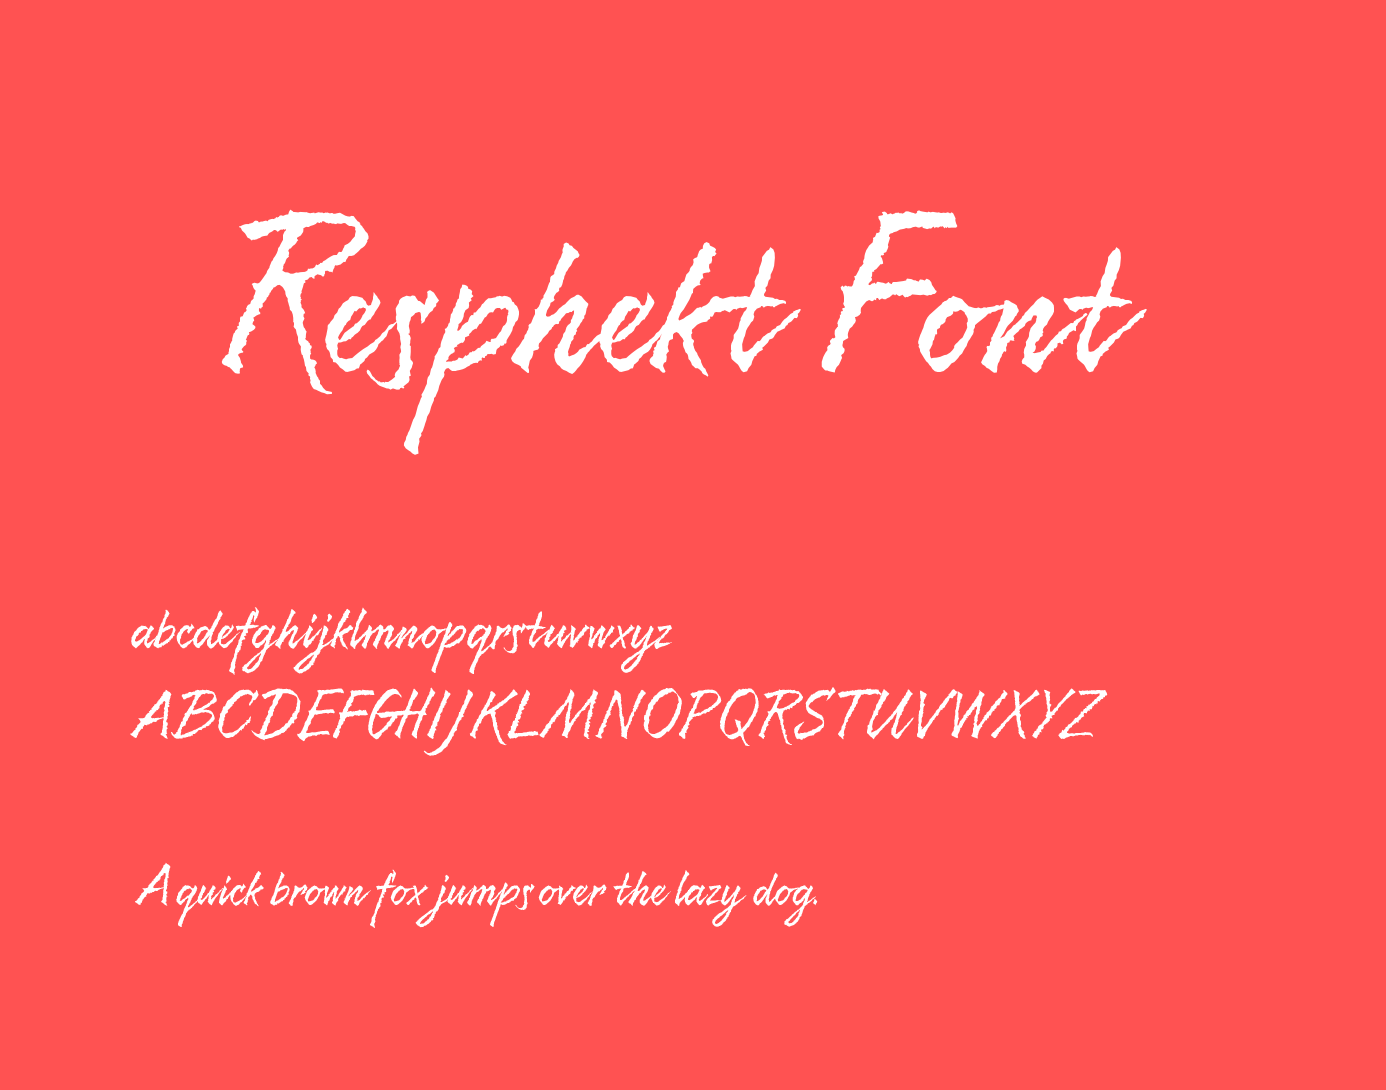 resphekt-font